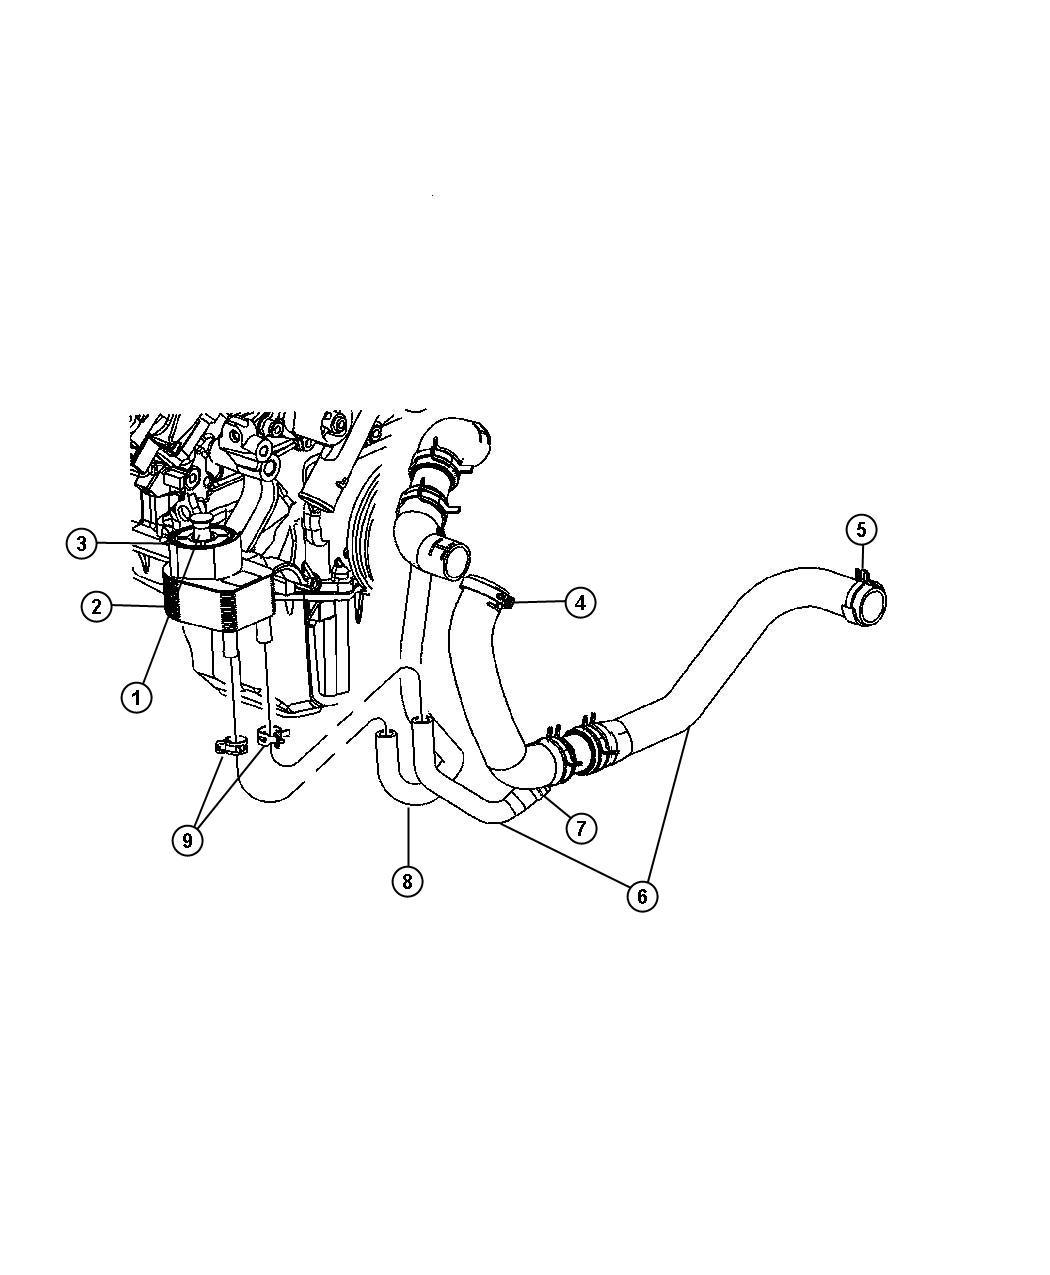 2012 Chrysler 300 Hose. Engine oil cooler supply. [police